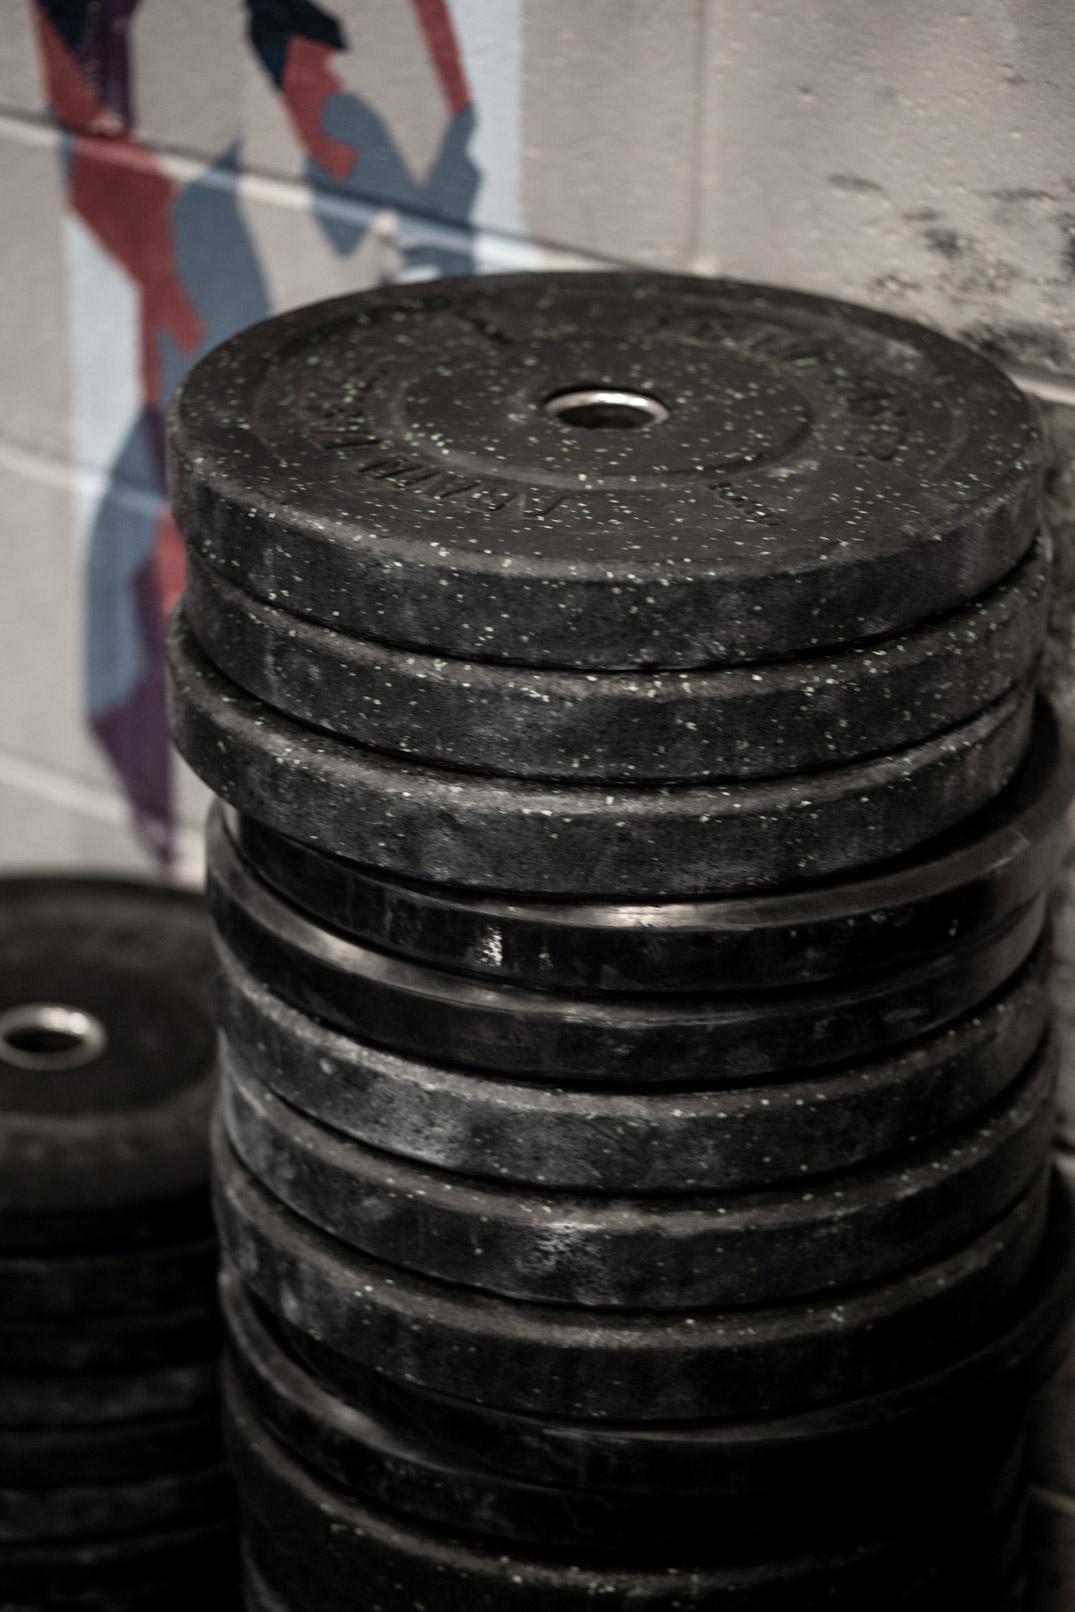 weights-closeup-2.jpg